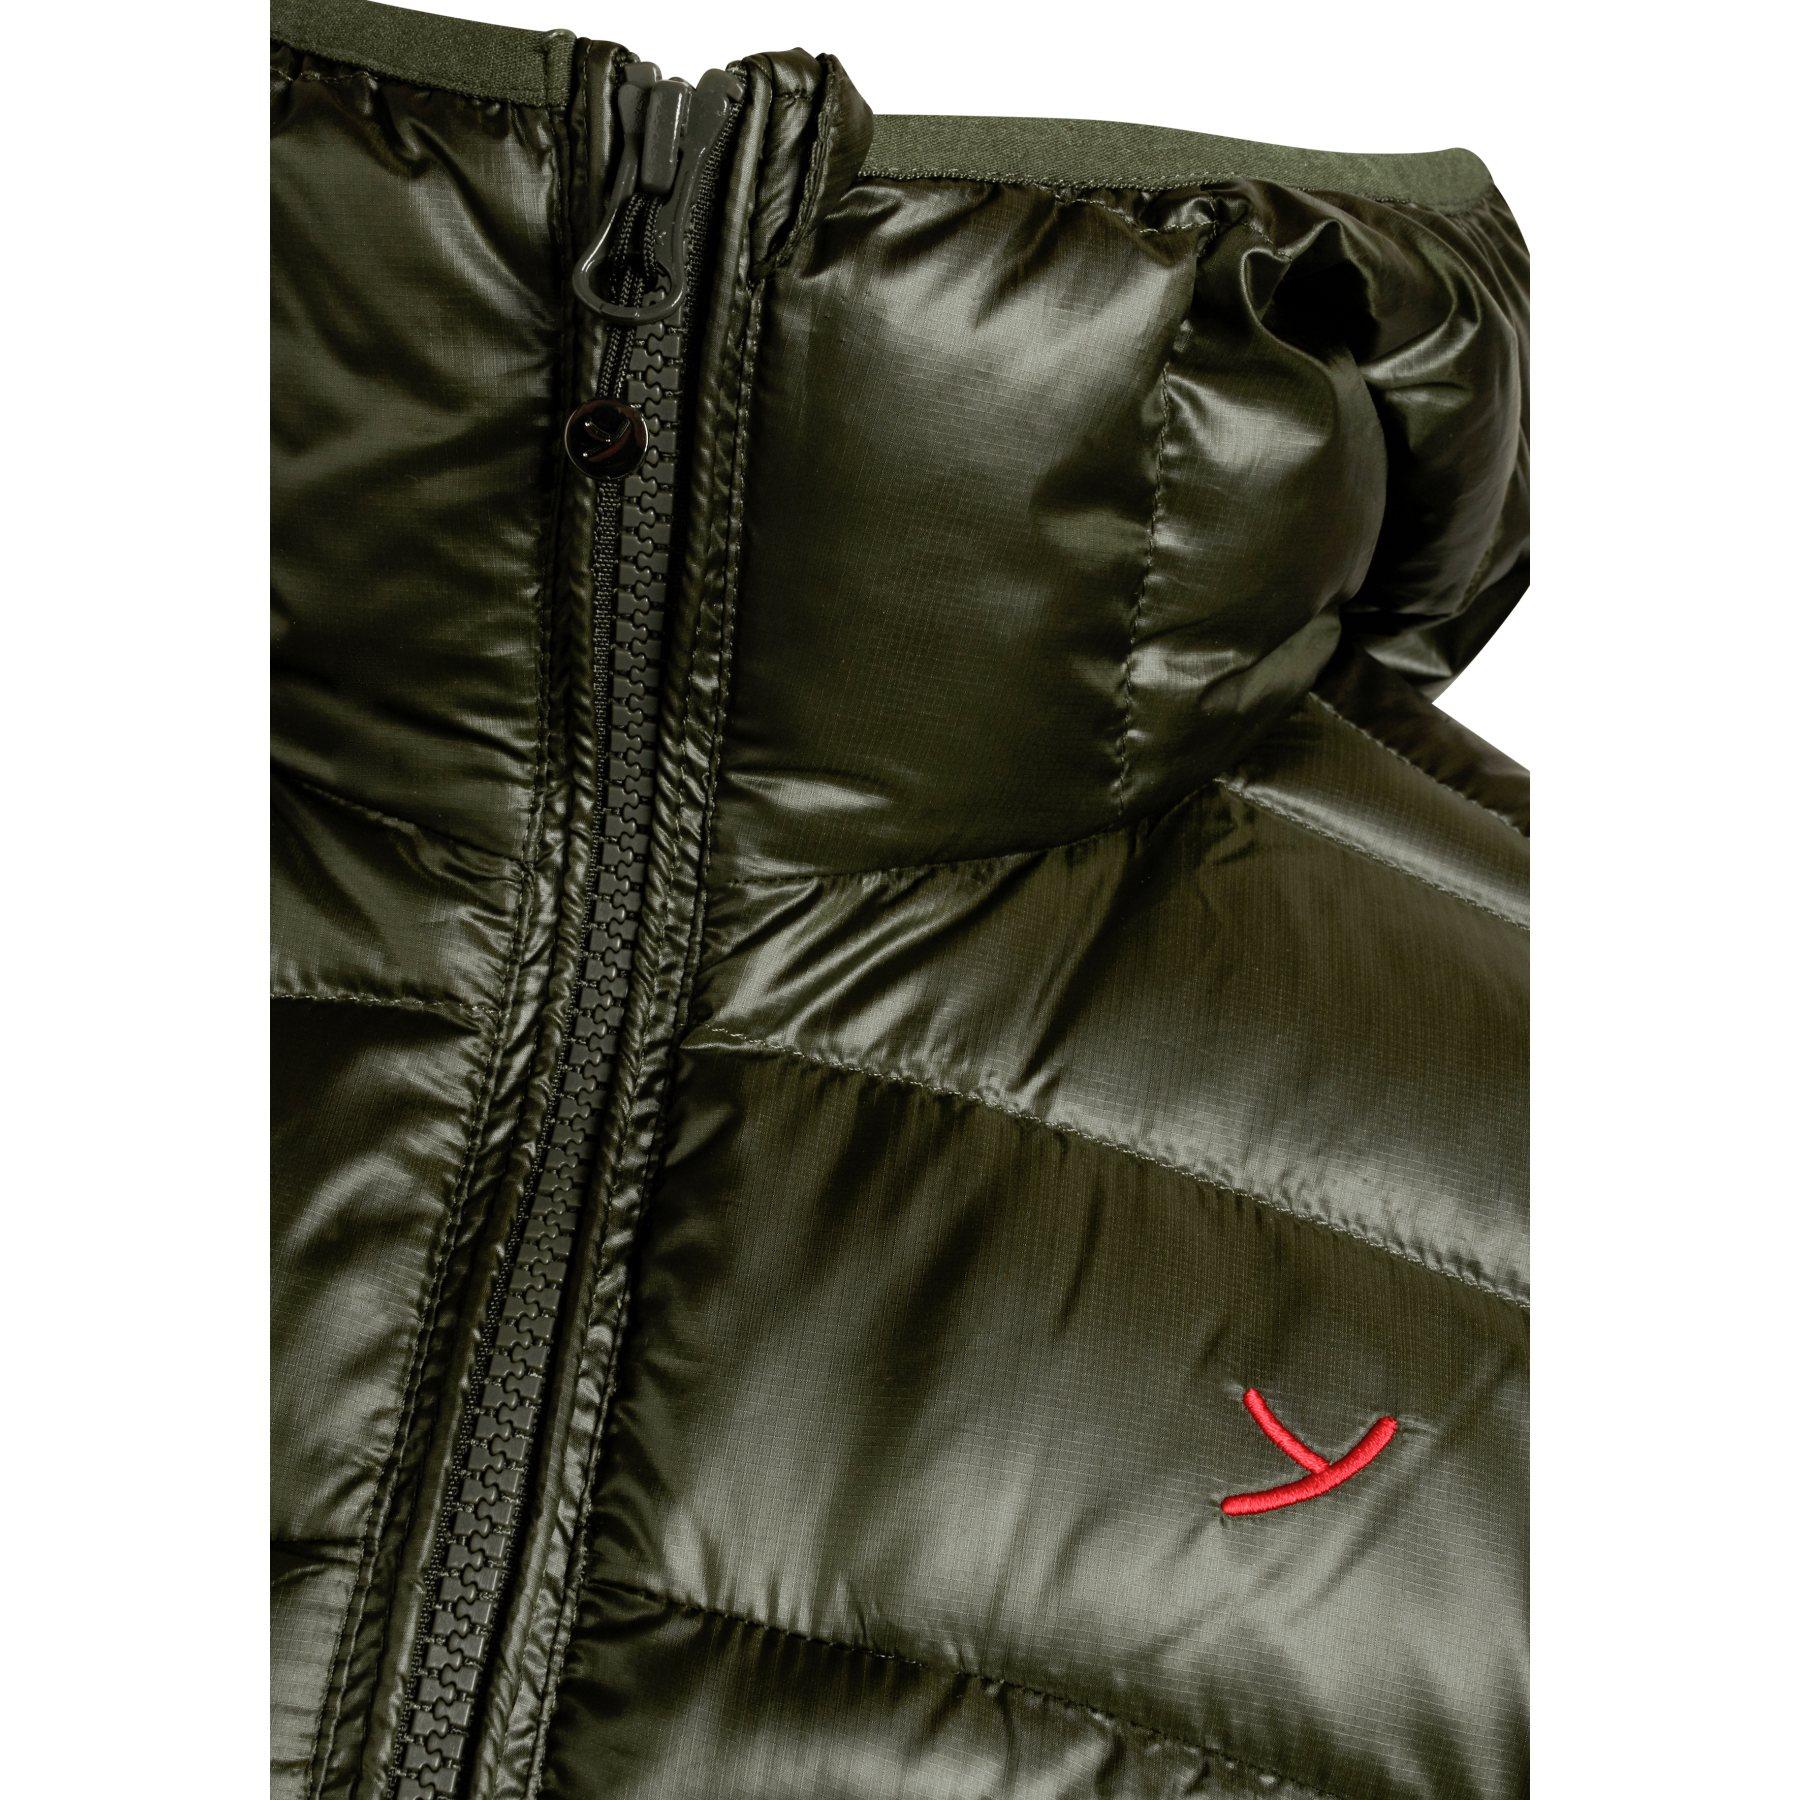 Image of Y by Nordisk Payne Men's Hooded Down Jacket - deep depth